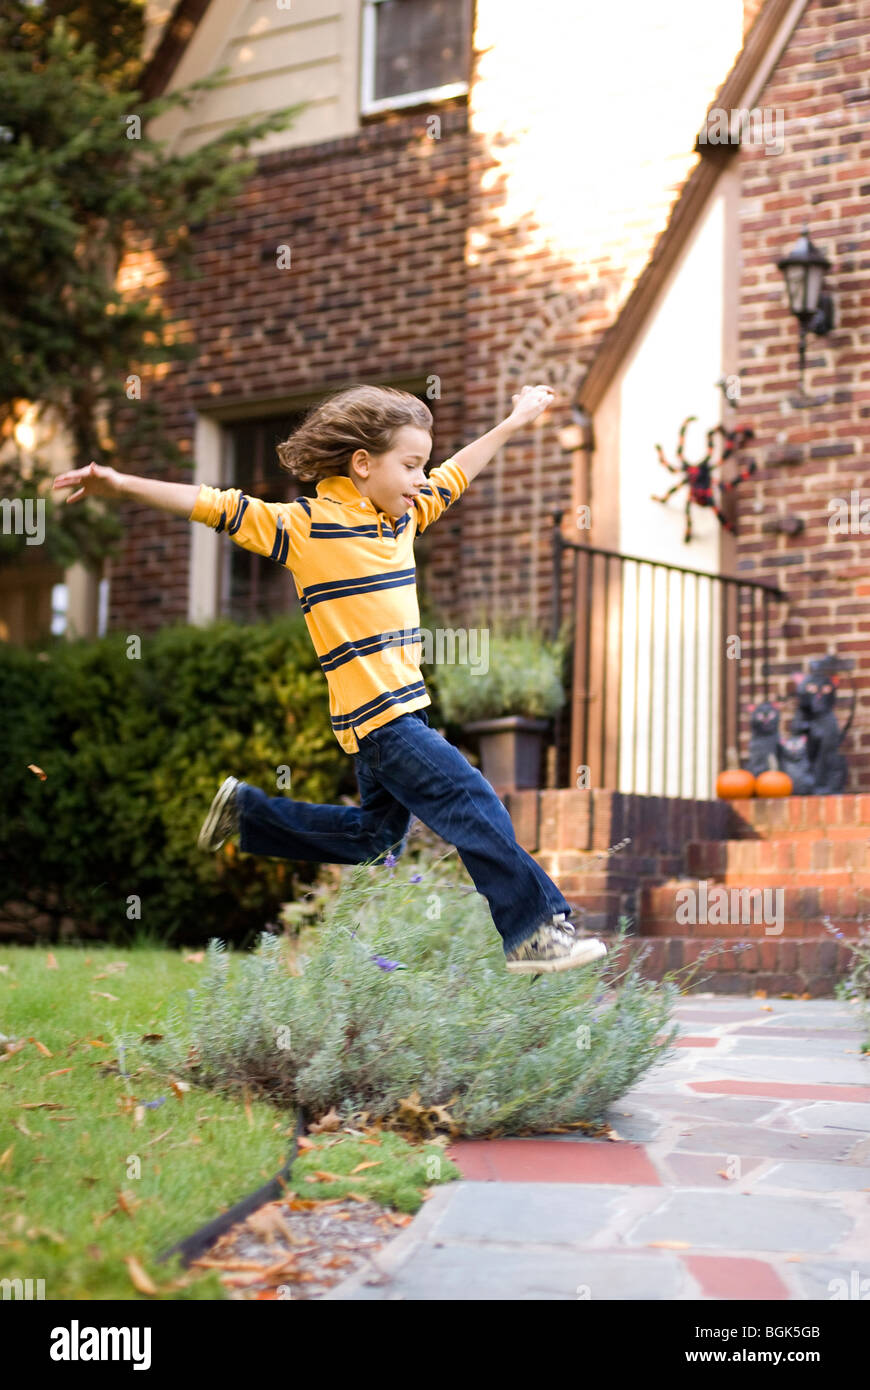 Garçon sautant dans l'air Banque D'Images